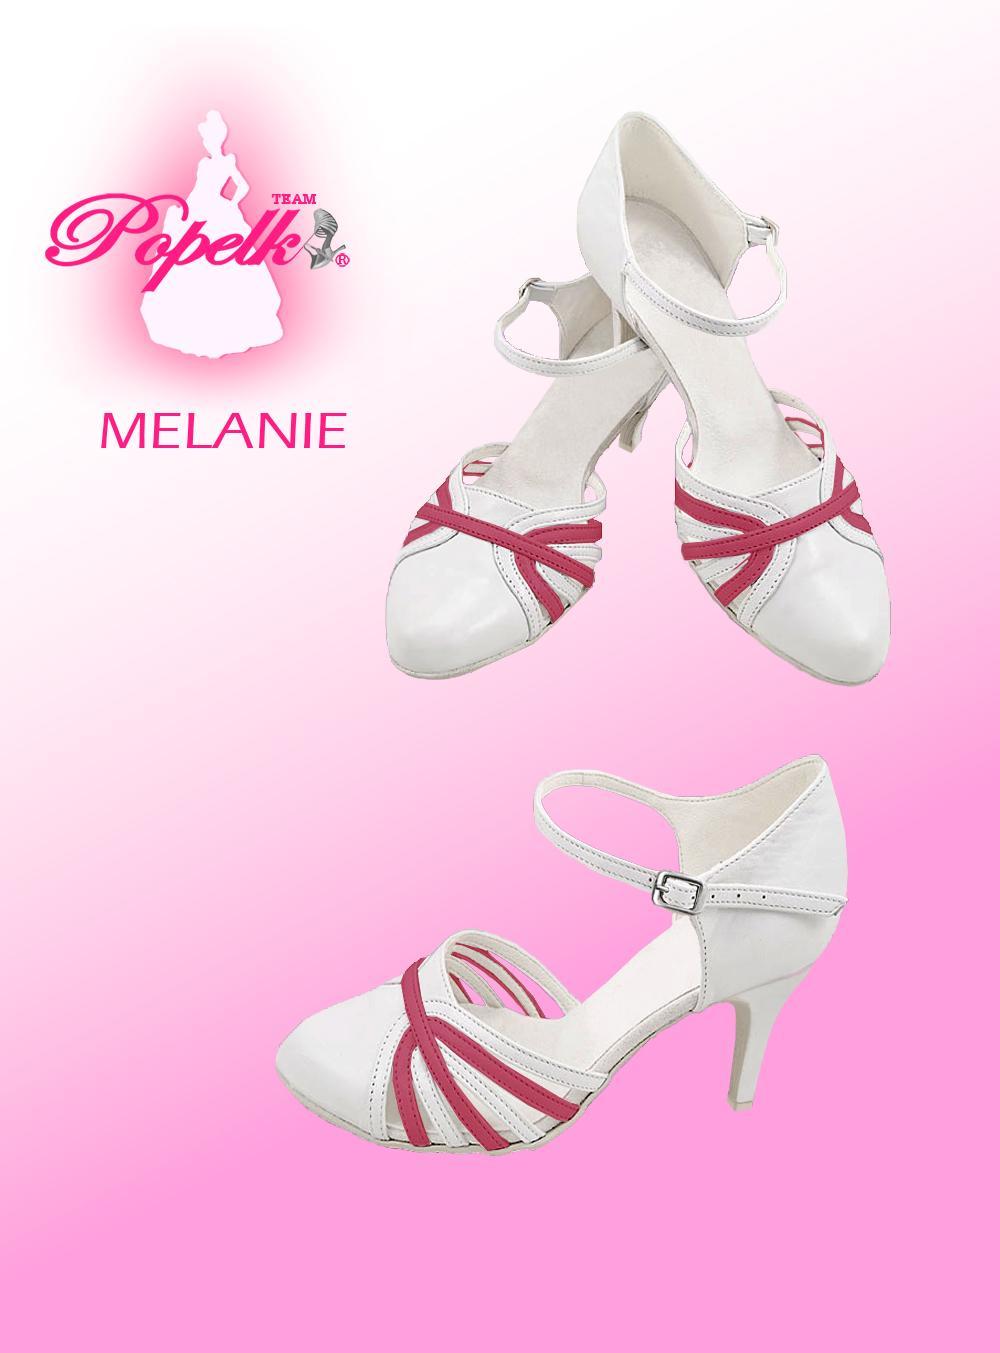 Svadobné topánky s úpravou na želanie - inšpirácie bordó, hnědá, čokoládová - Obrázok č. 22